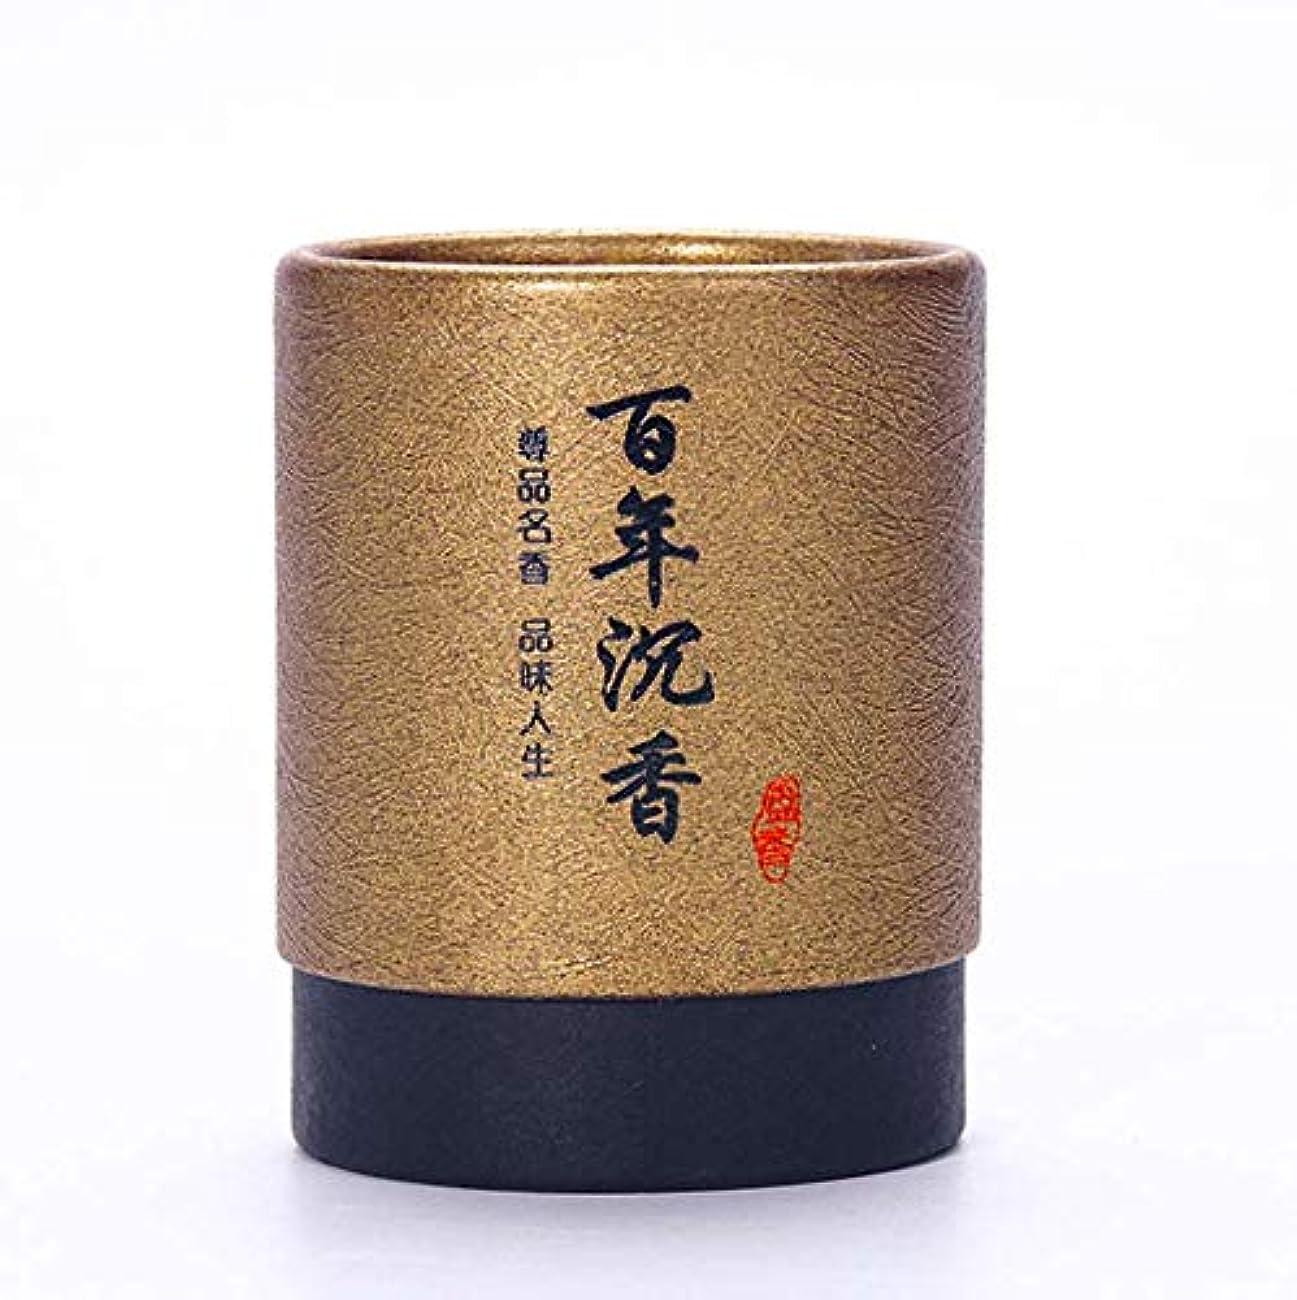 五でケーブルカーHwaGui お香 2時間 盤香 渦巻き線香 優しい香り 48巻入 沉香(百年沈香)